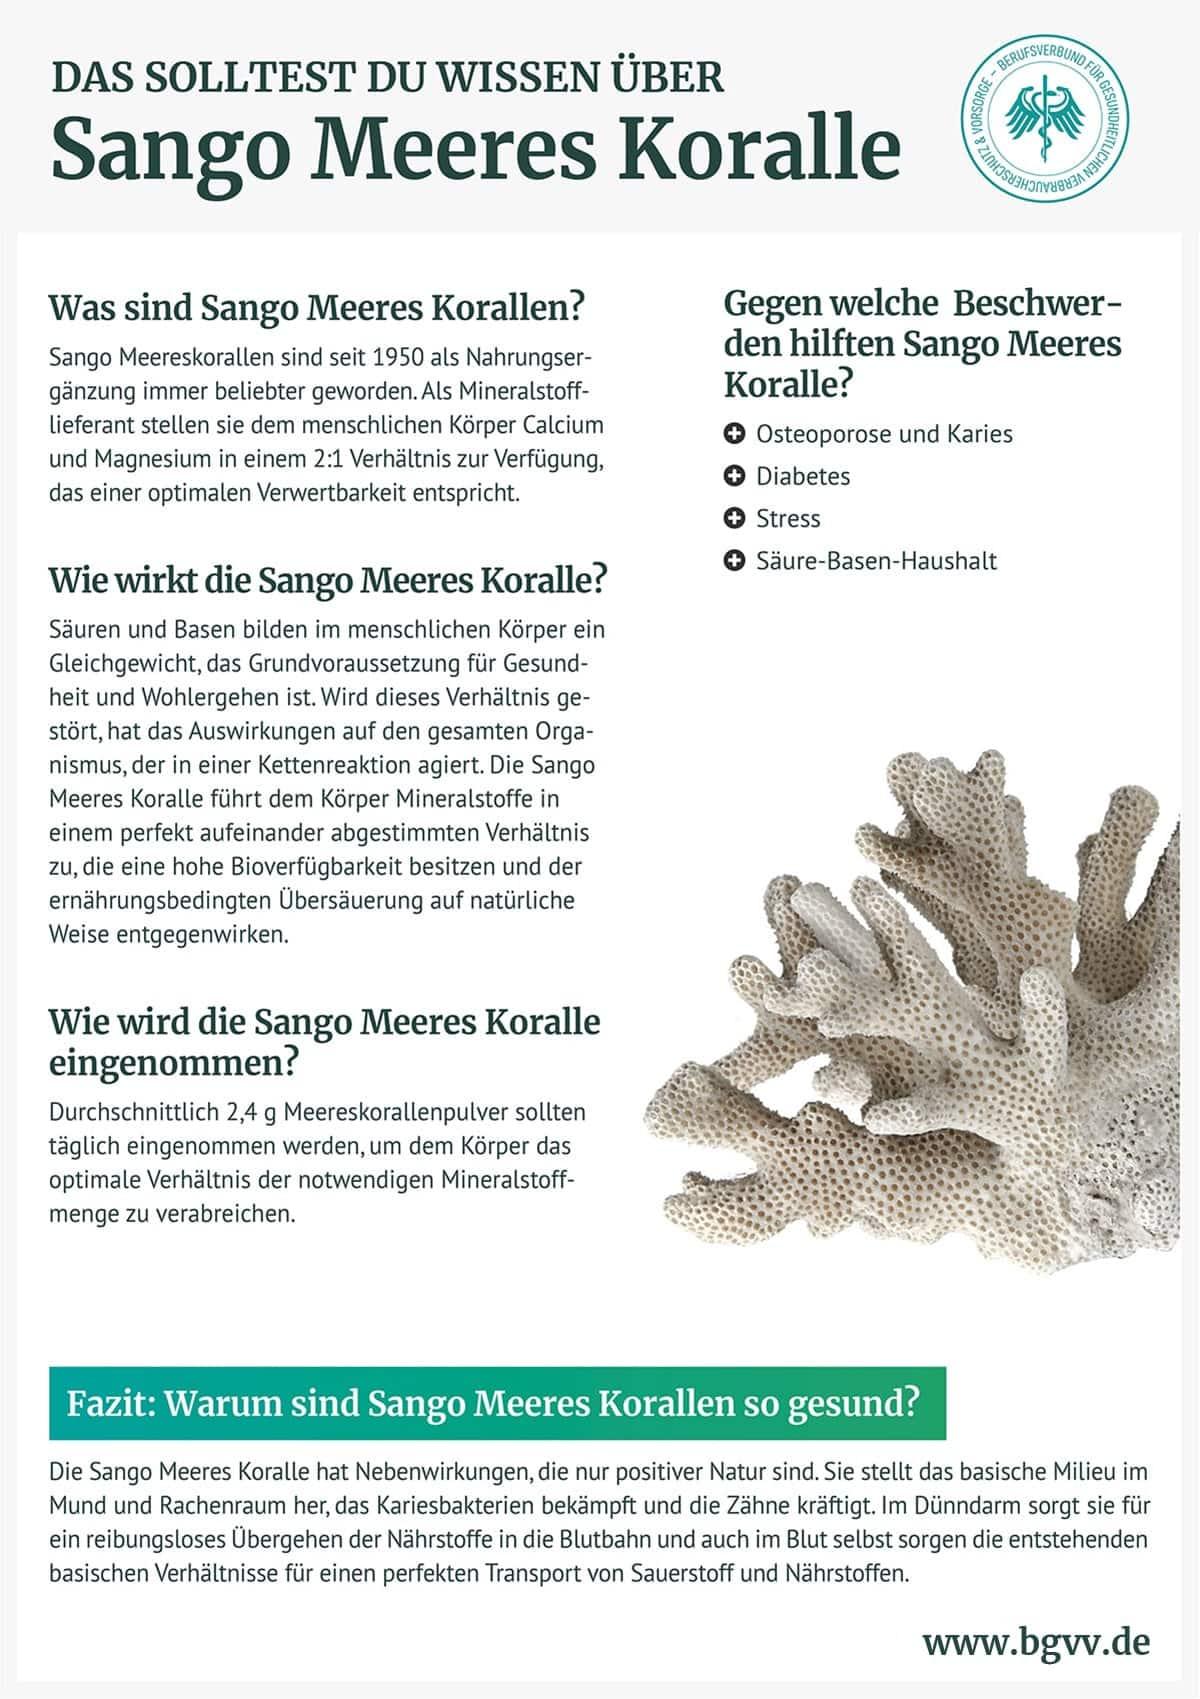 Infografik Sango Meeres Koralle BGVV